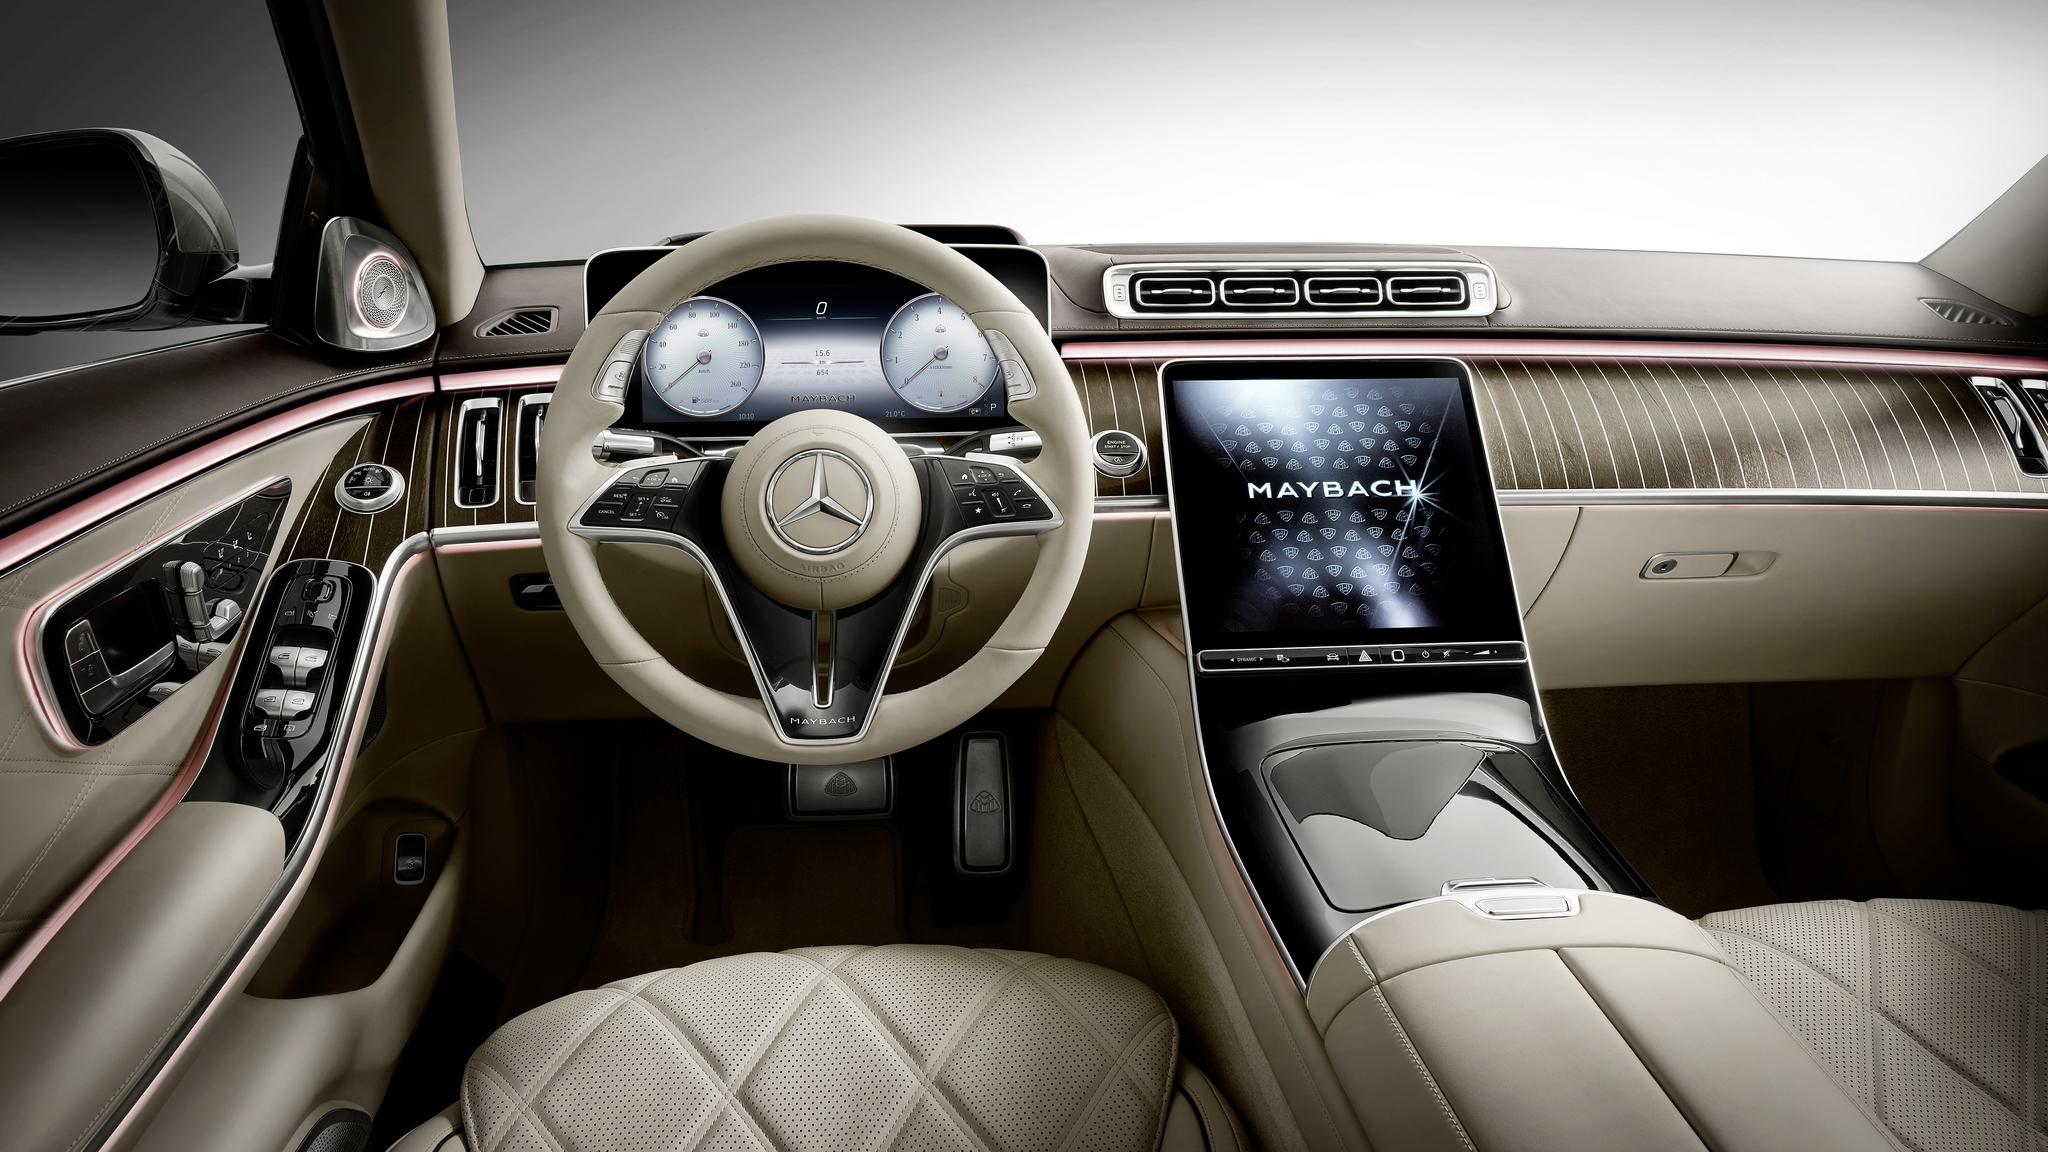 Erste offizielle Bilder der neuen Mercedes-Maybach S-Klasse #Z223